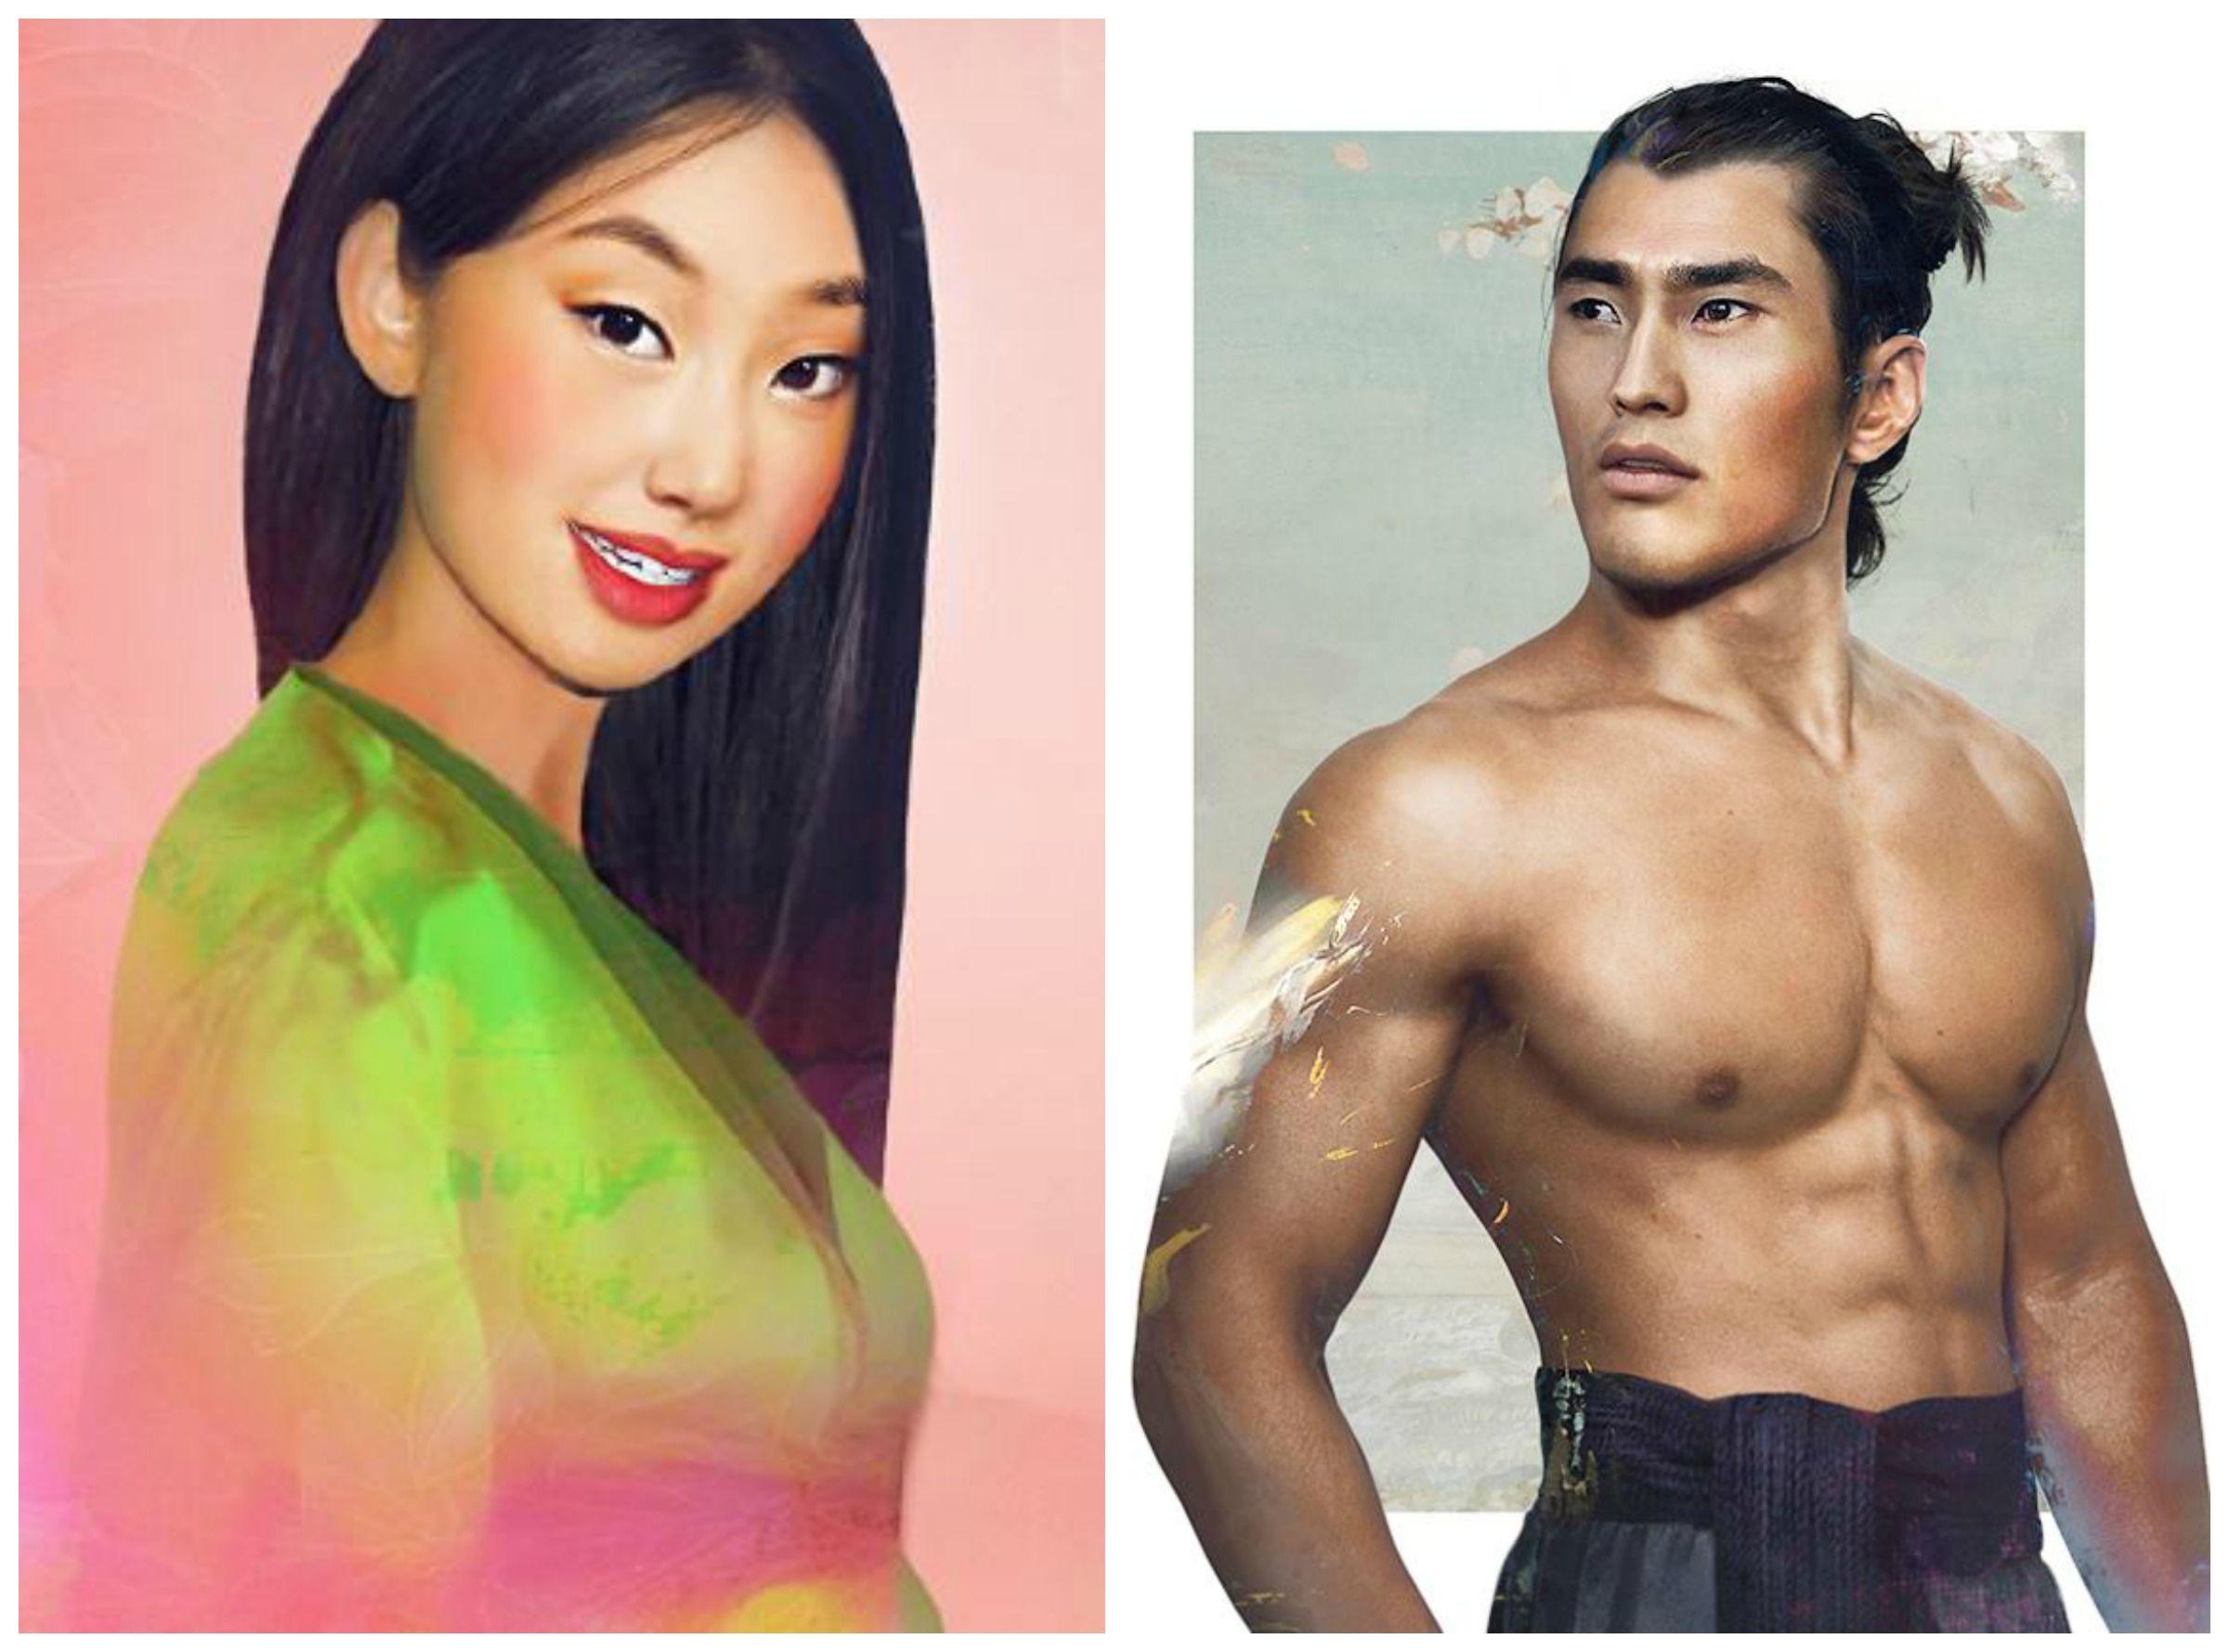 Mulan And Captian Li Shang As Real Life Characters By Jirka